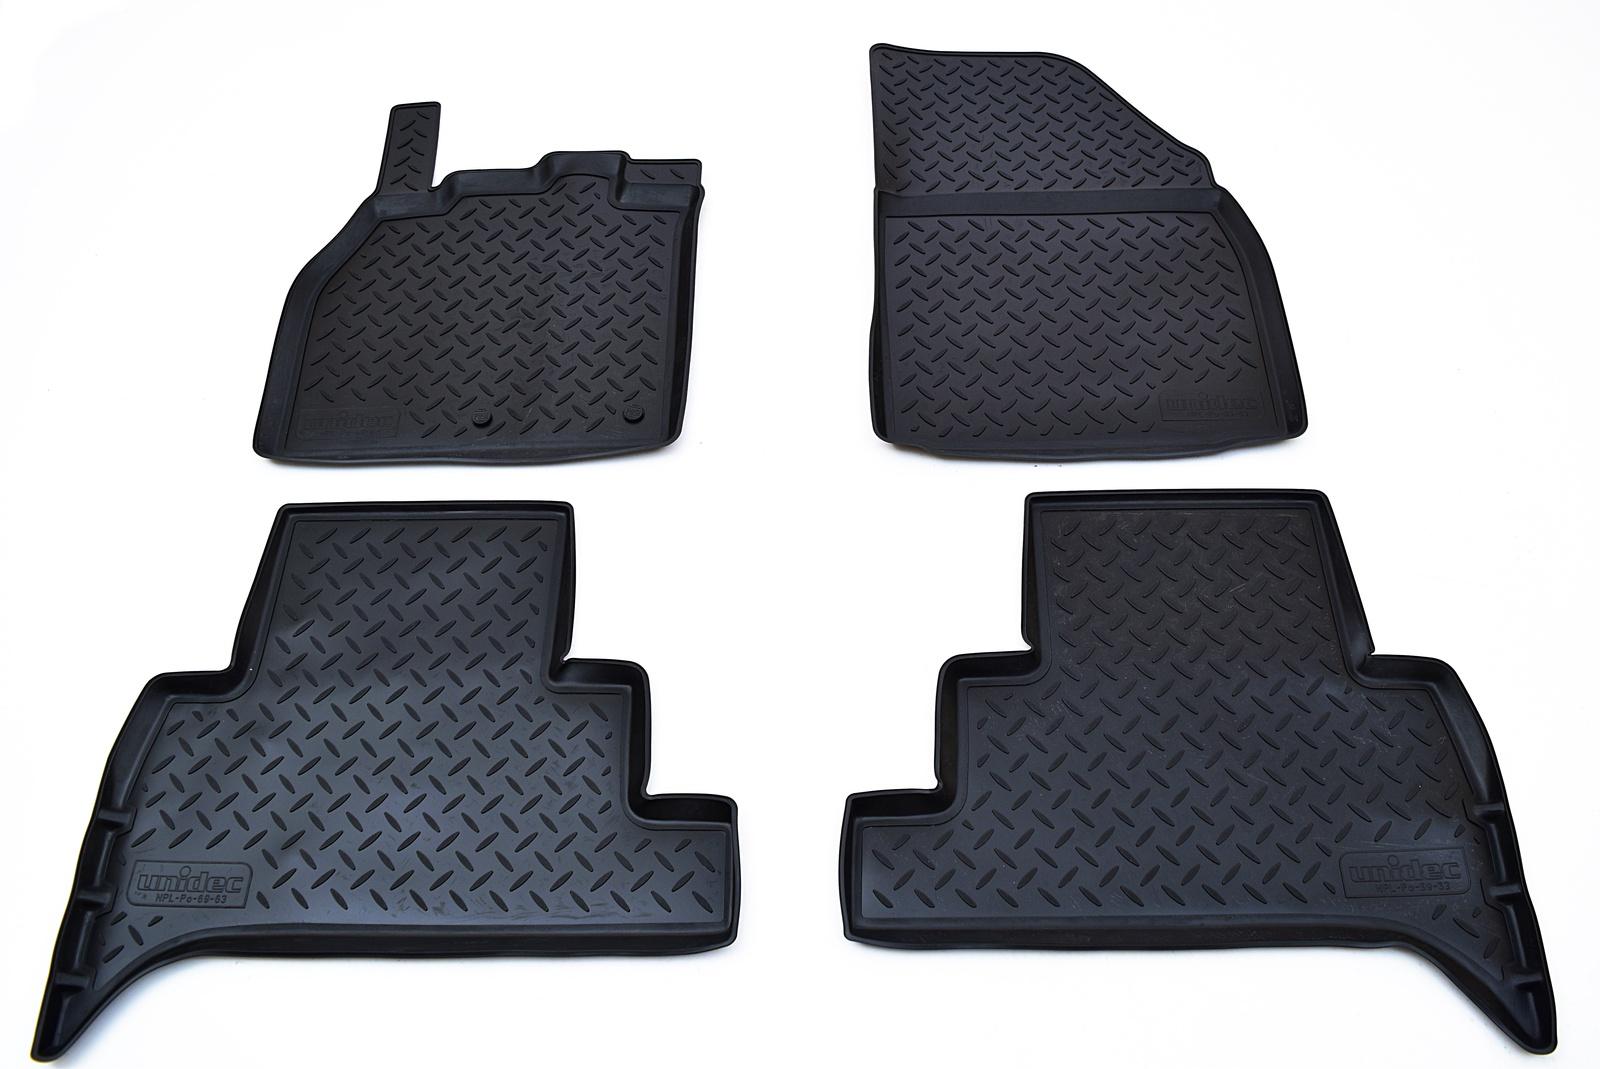 Коврики в салон автомобиля Norplast для Renault Scenic 2010, NPL-Po-69-63, черный недорго, оригинальная цена